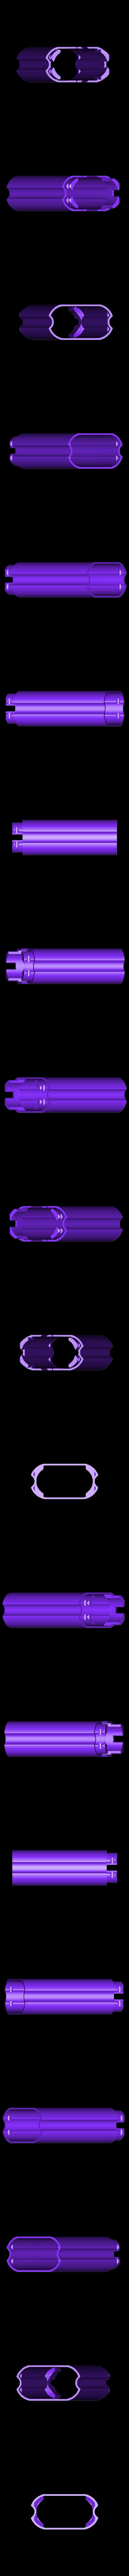 Shell_1.stl Télécharger fichier STL gratuit Adaptateur de batterie 18650 pour tournevis. • Plan à imprimer en 3D, SiberK